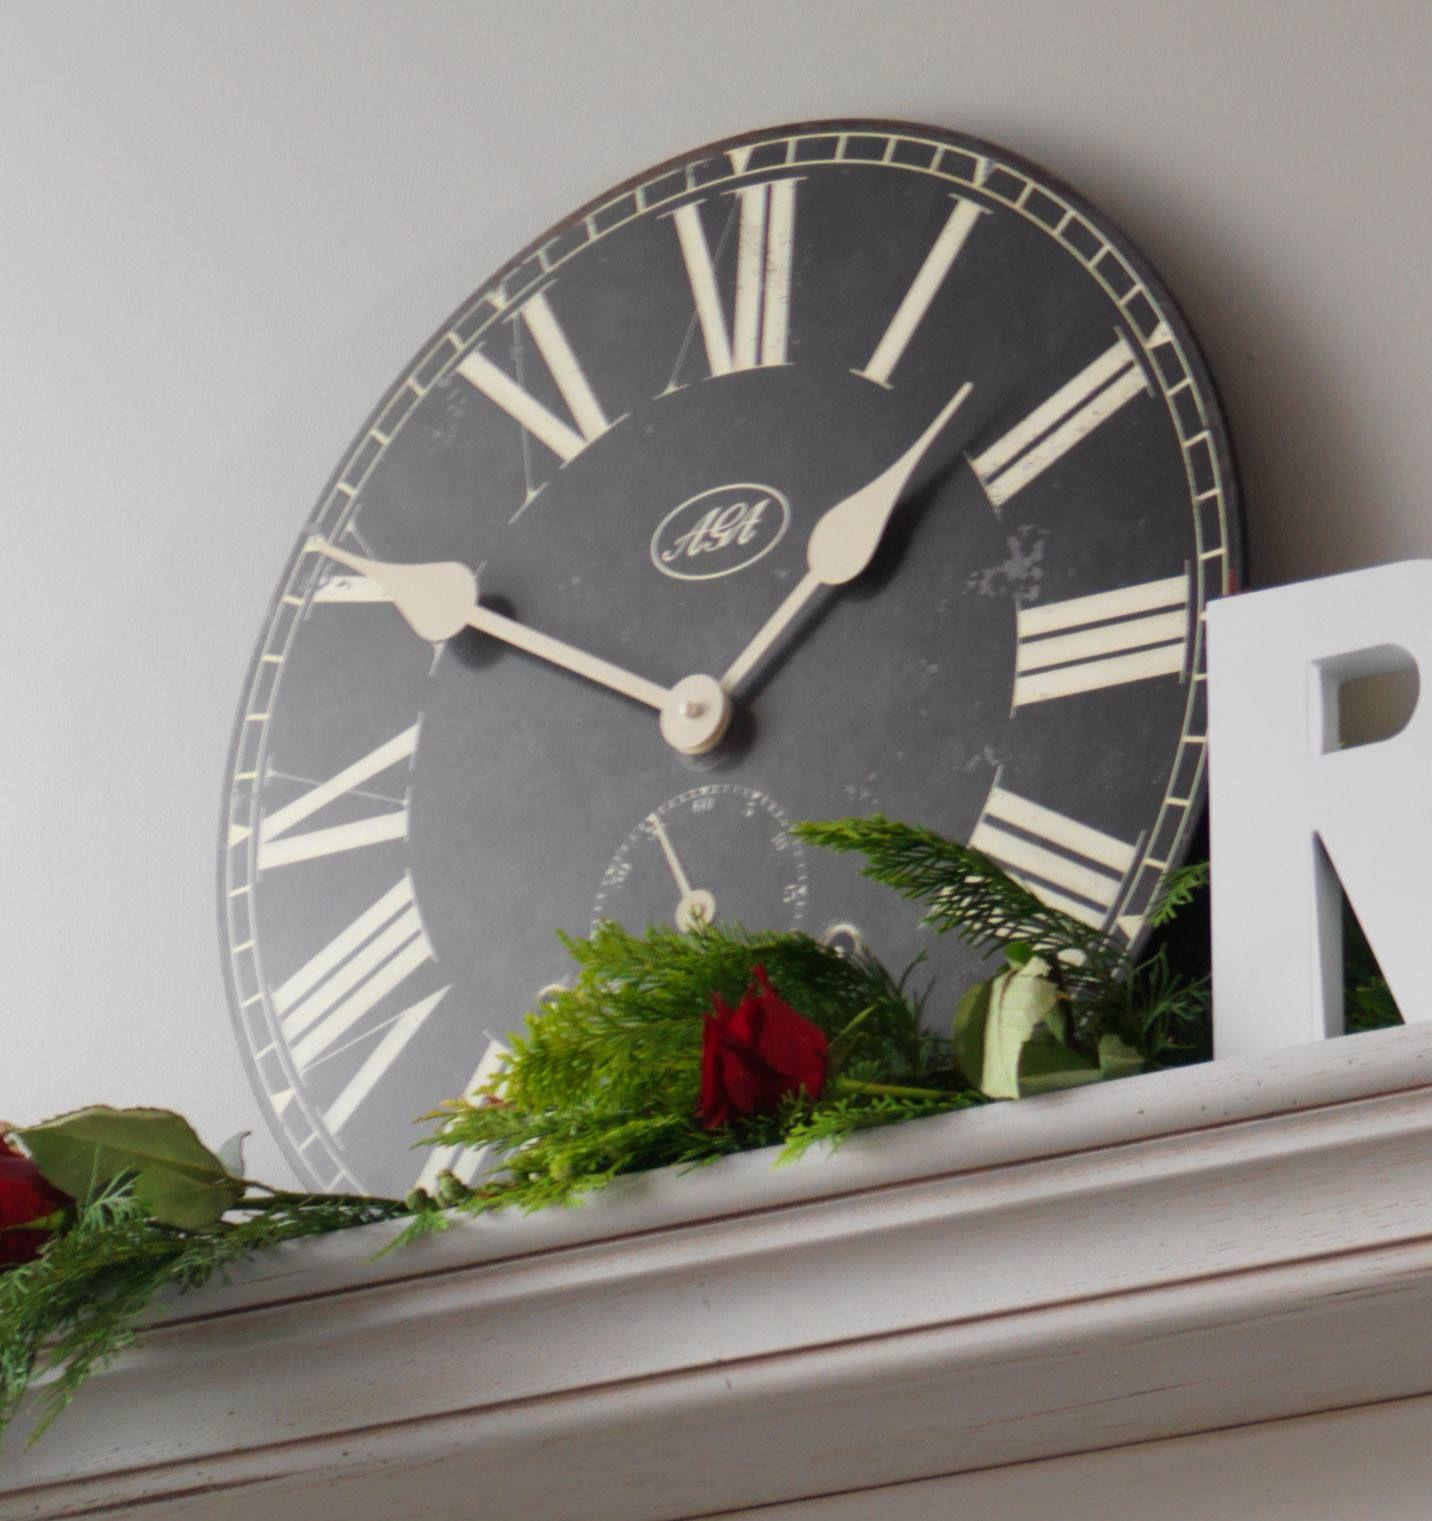 AGA Palladium clock